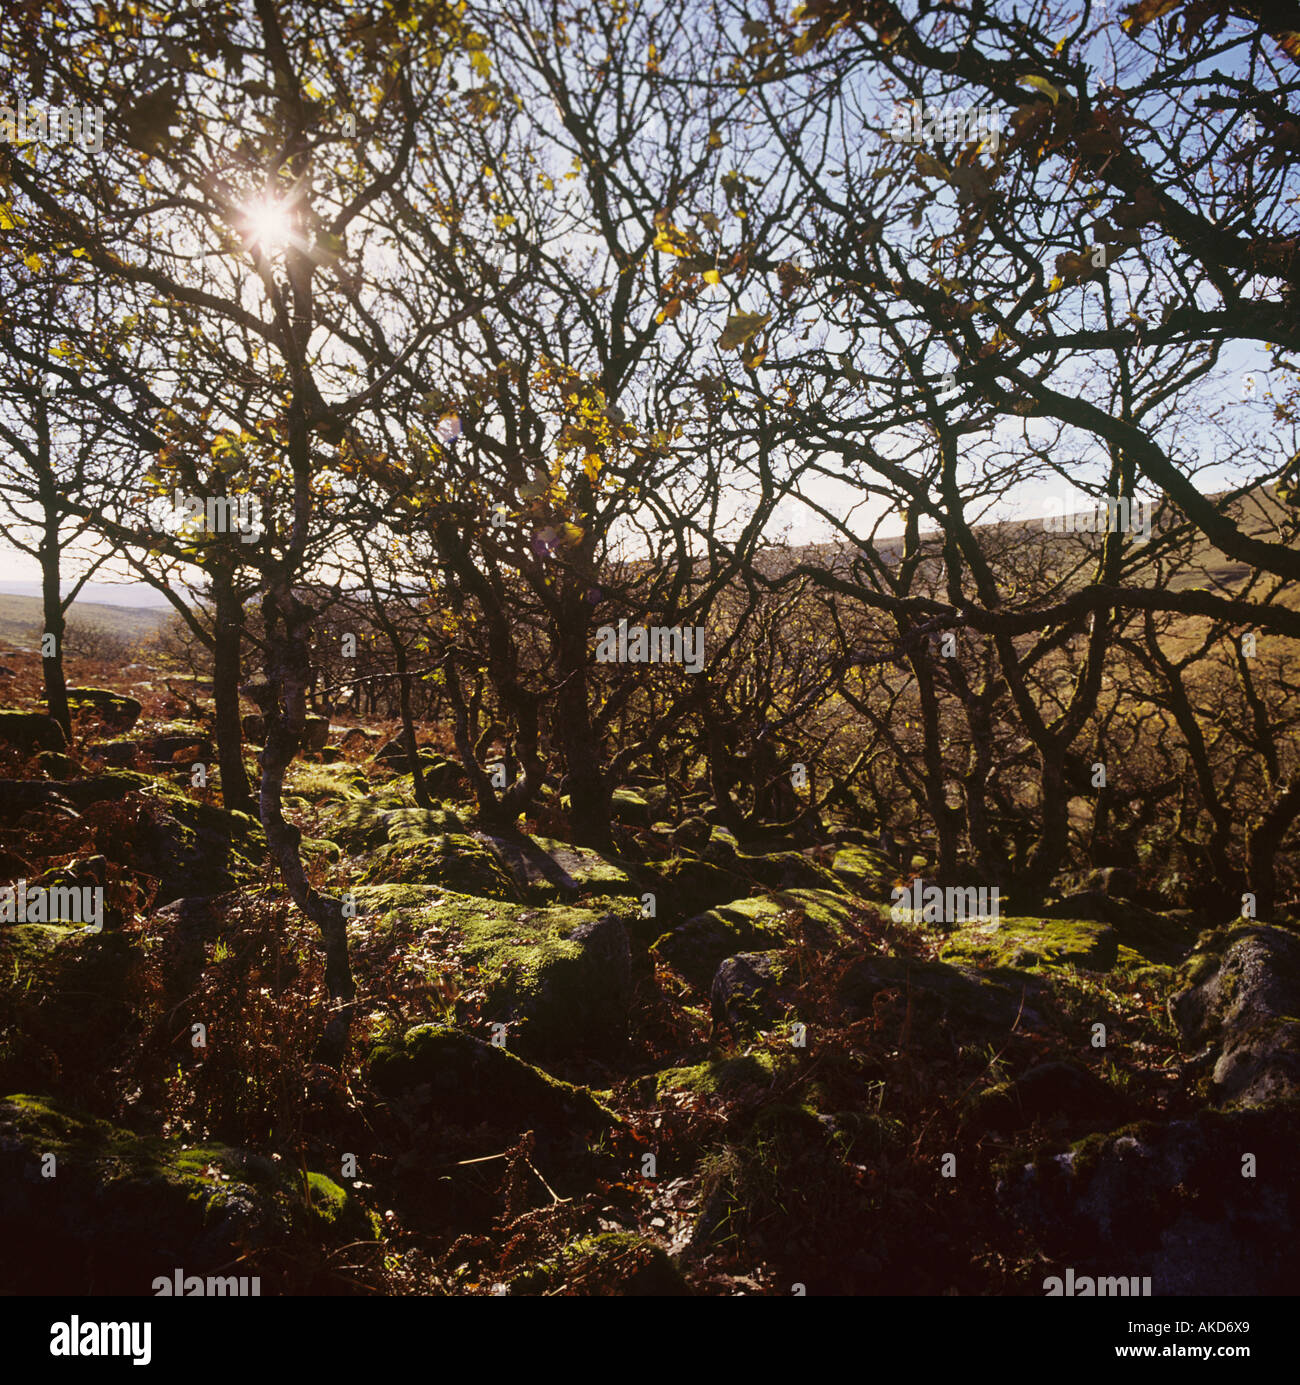 Twisted recedono antiche querce noto come legno Wistmans stand in una parte remota di Dartmoor a nord di due ponti Immagini Stock